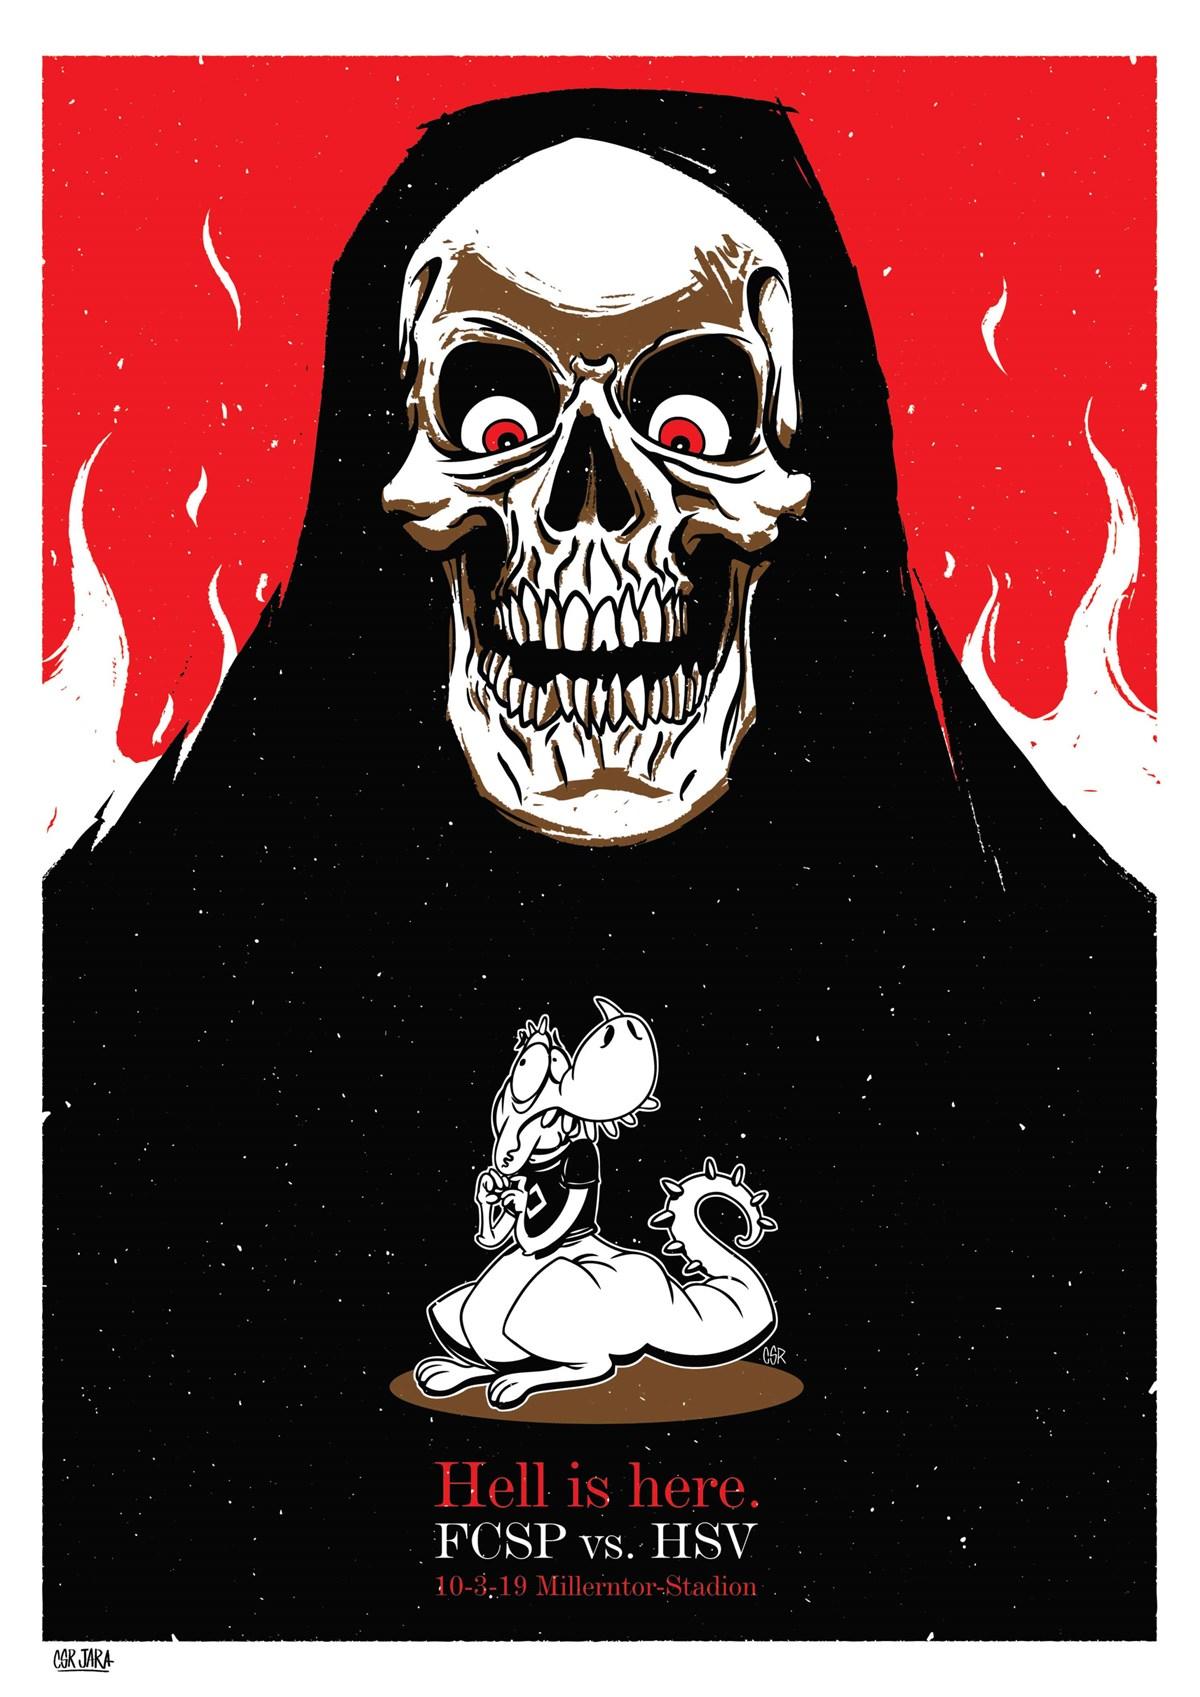 """Der Derby-Kunstdruck von César Jara trägt den Titel """"Hell is here""""."""